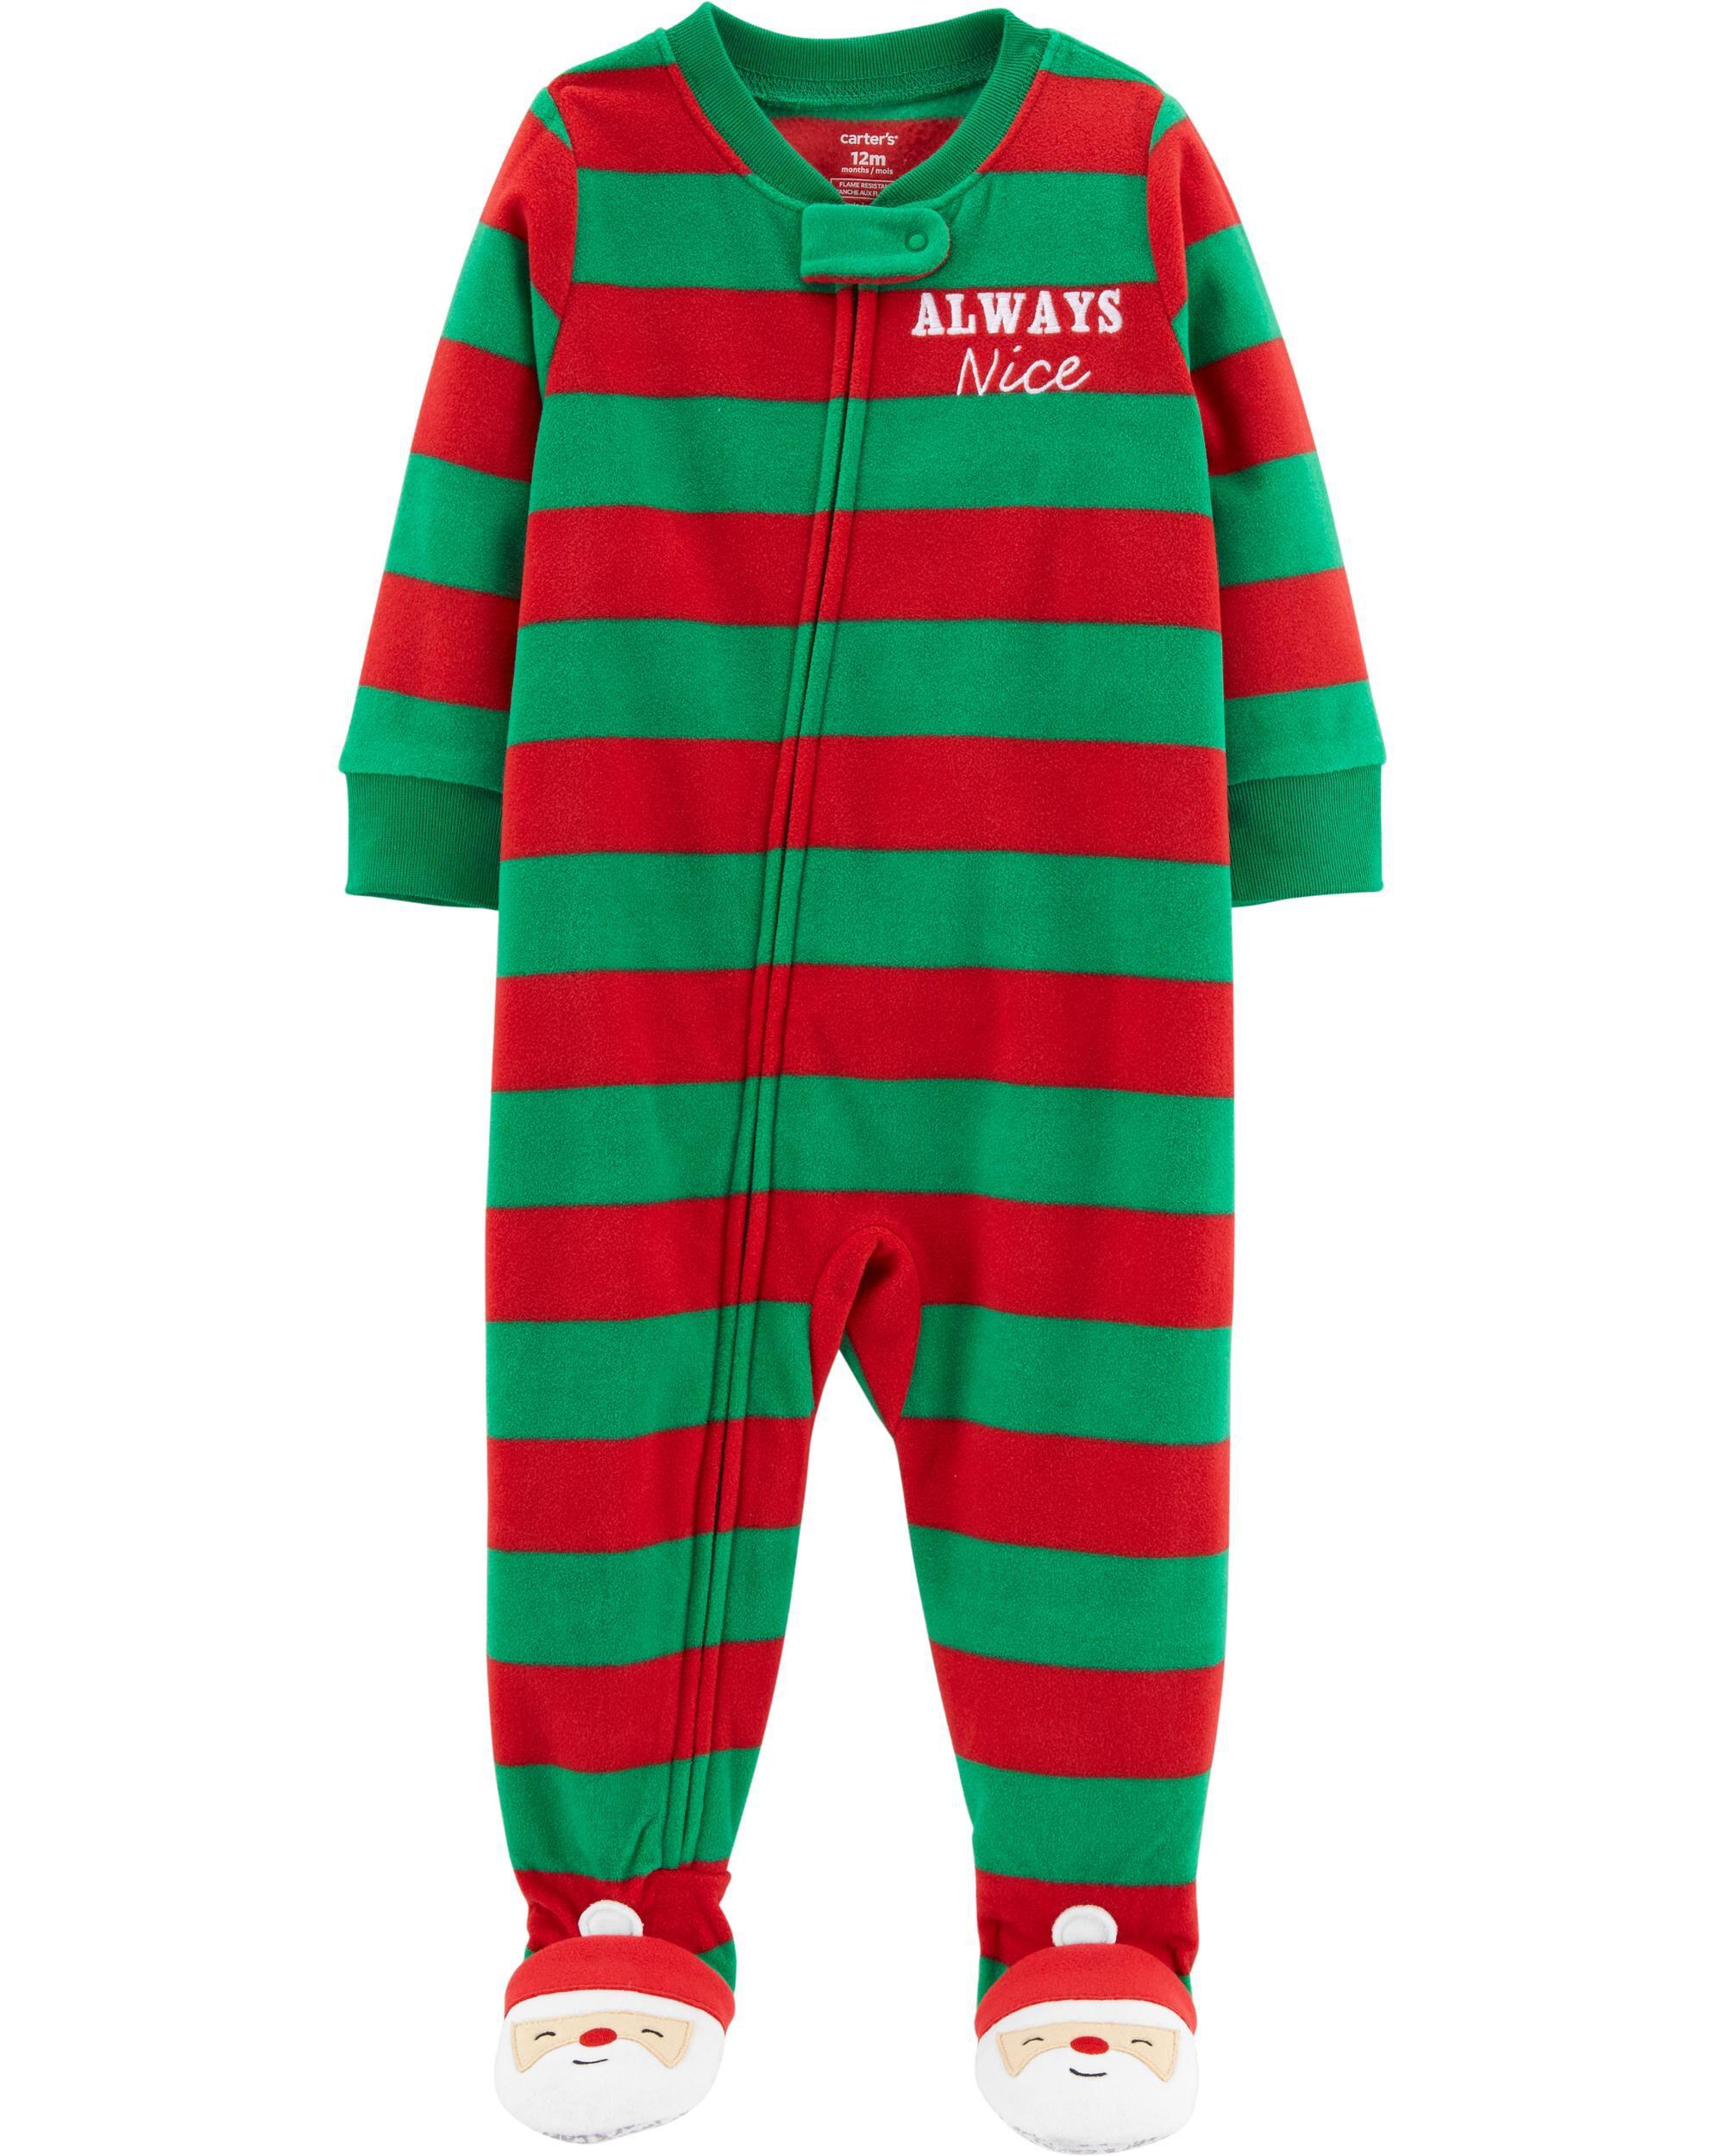 7e7b47dfd141 Baby Boy 1-Piece Toddler Christmas Fleece PJs